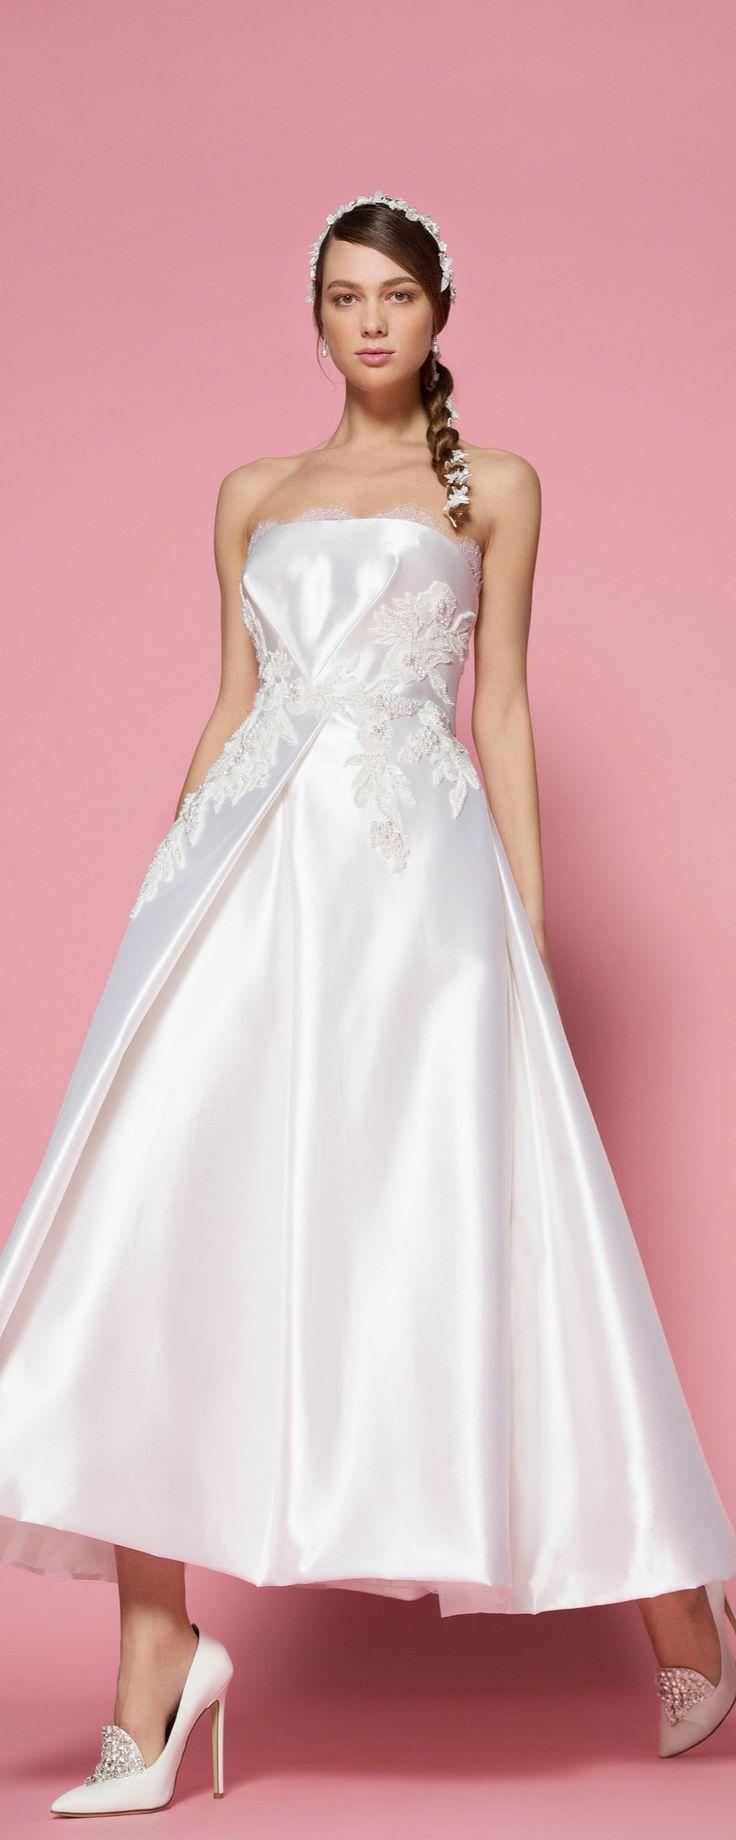 Mejores 1453 imágenes de Bridal Collection en Pinterest | Vestidos ...